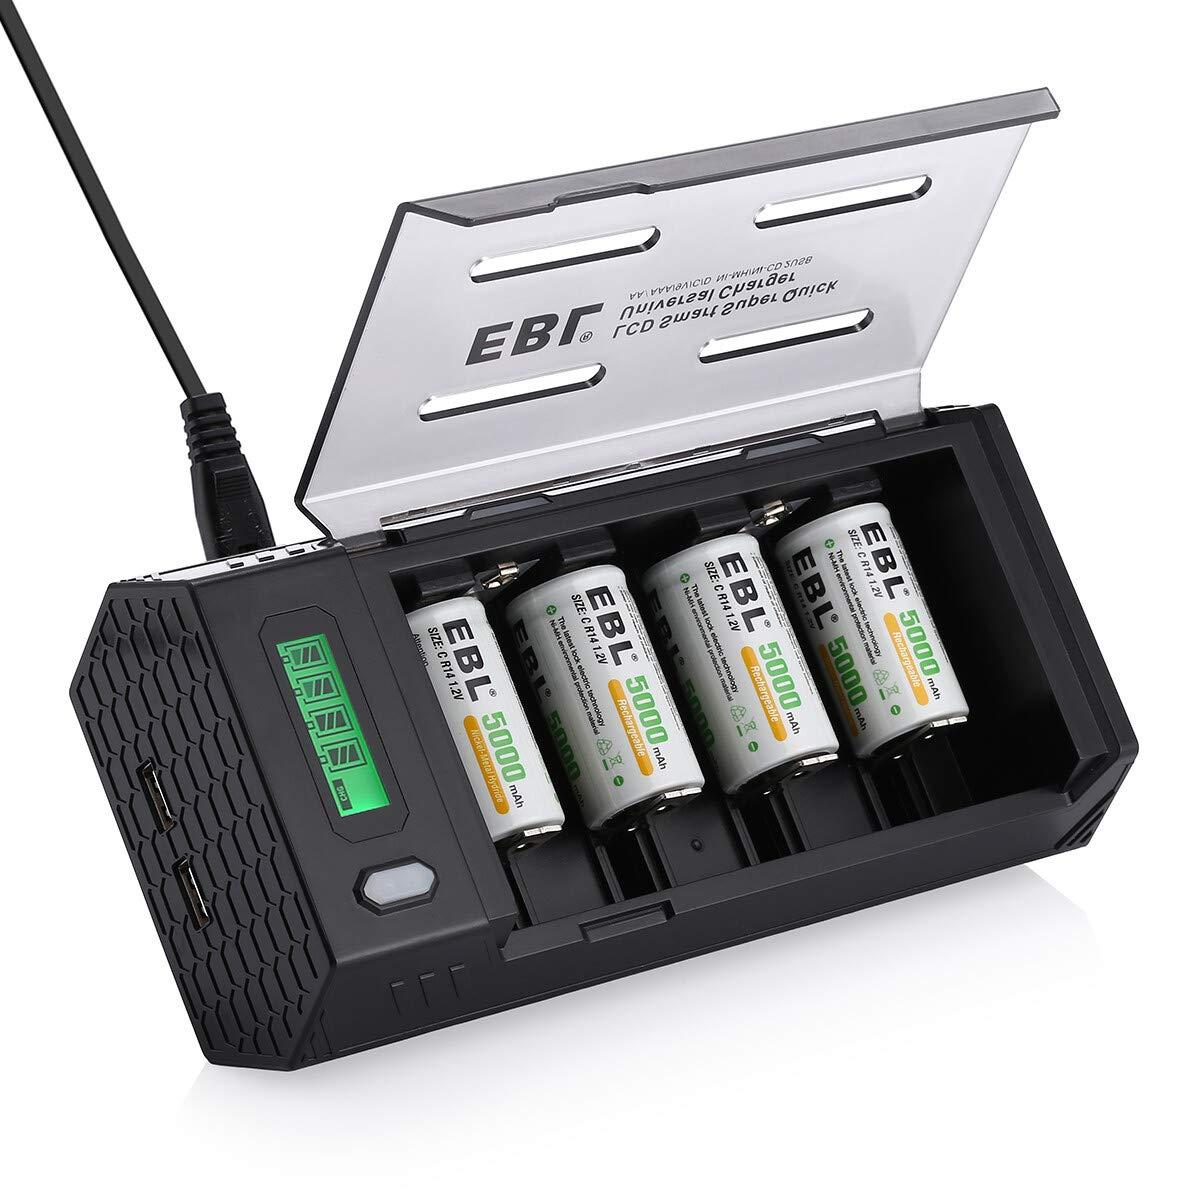 EBL LCD Cargador de Pilas con 4 x C Pilas Recargables 5000mAh, Cargador de baterías para AA AAA C D 9V Ni-MH Ni-CD Pilas Recargables: Amazon.es: Electrónica